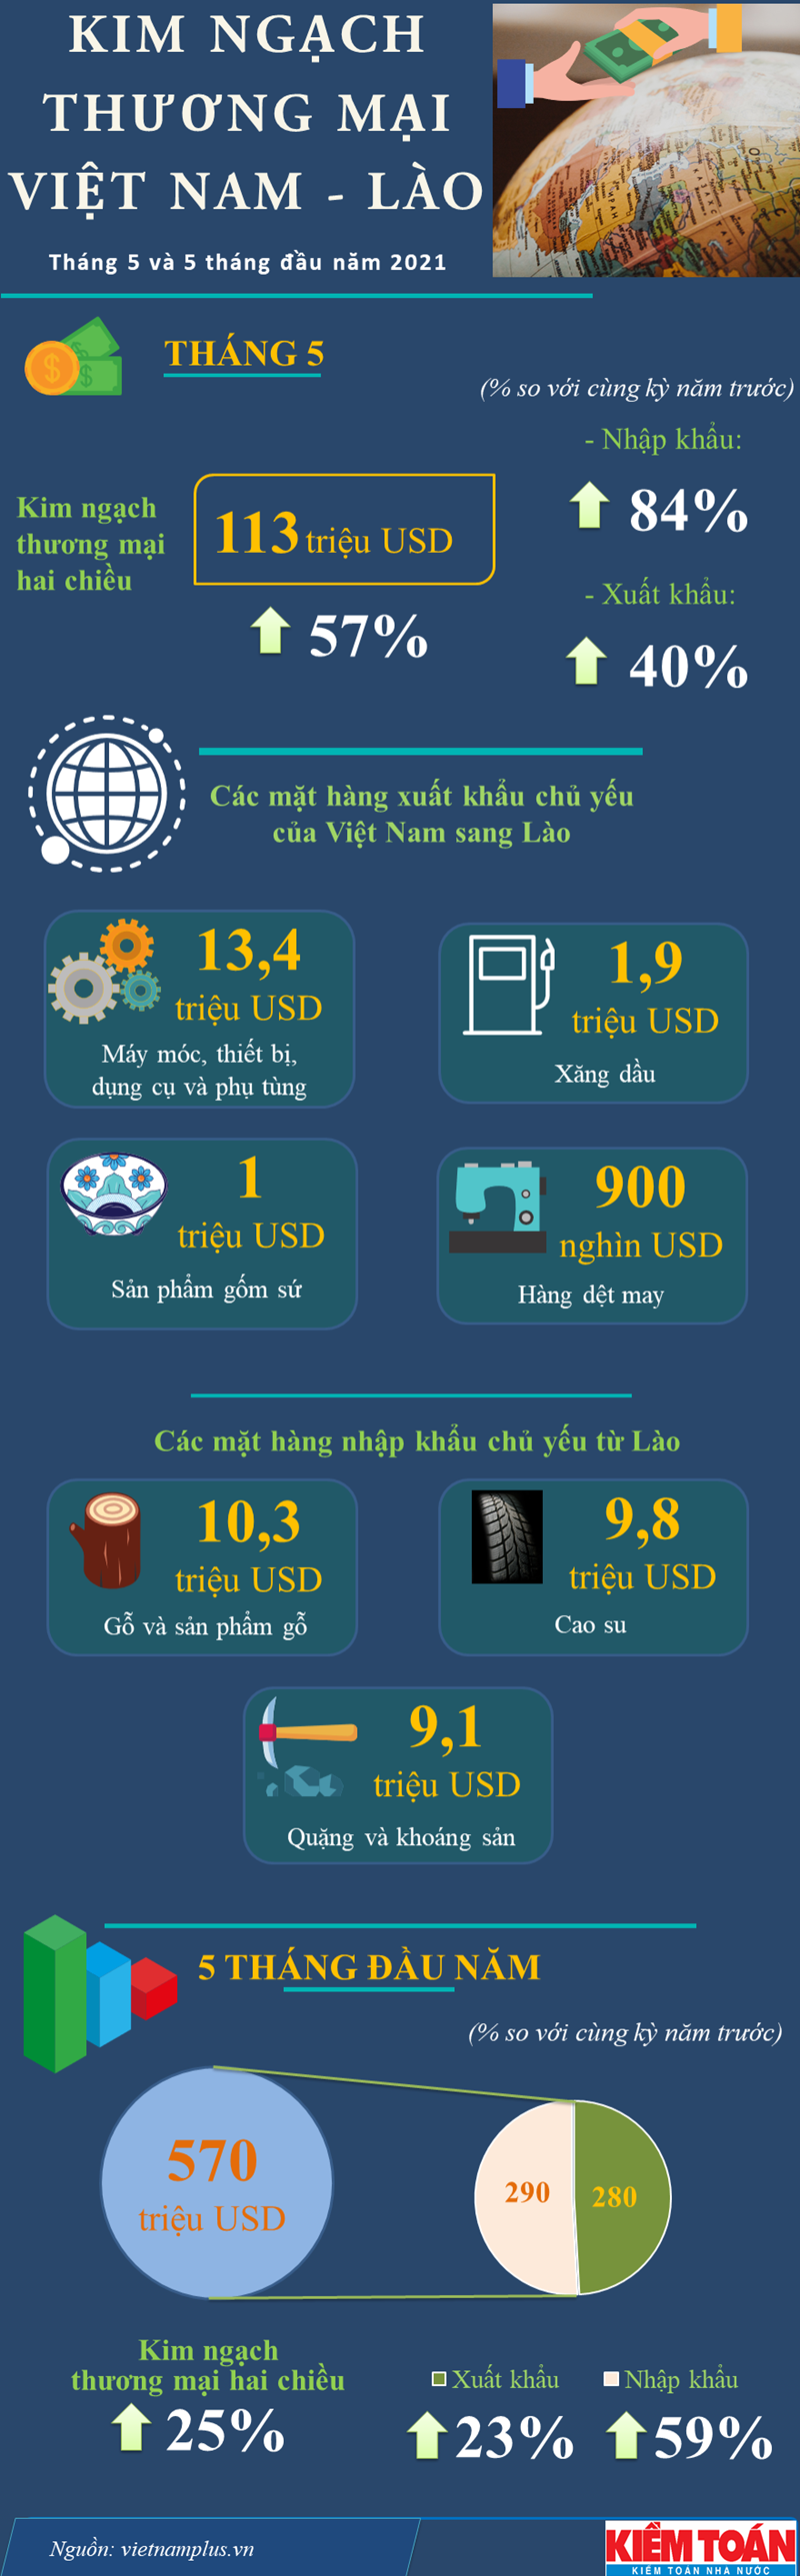 [Infographics] Kim ngạch thương mại hai chiều giữa Việt Nam và Lào tăng mạnh - Ảnh 1